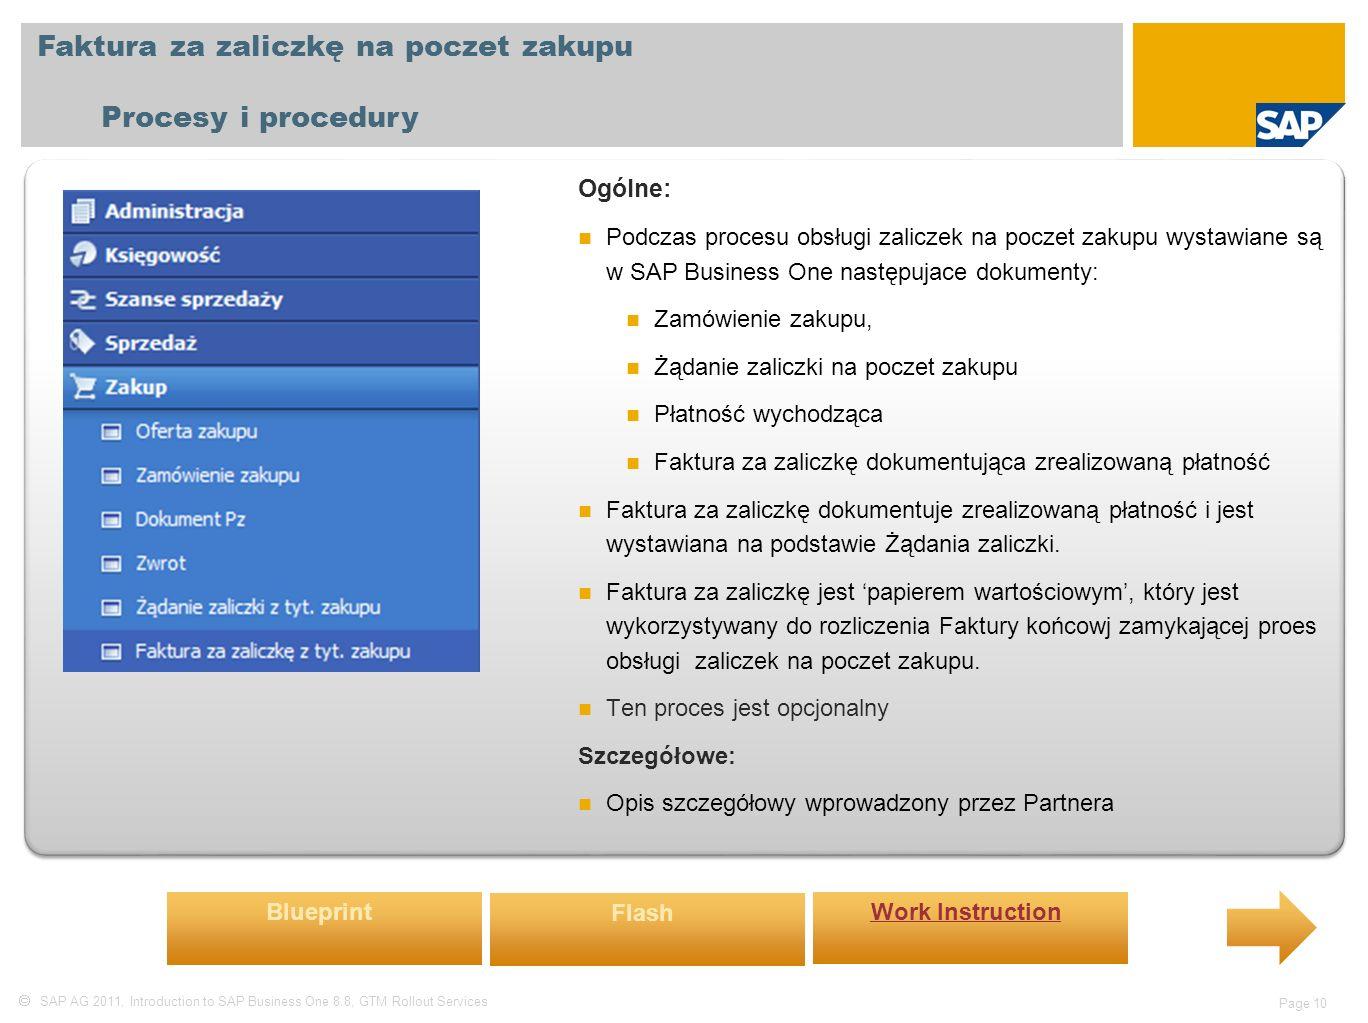  SAP AG 2011, Introduction to SAP Business One 8.8, GTM Rollout Services Page 10 Faktura za zaliczkę na poczet zakupu Procesy i procedury Ogólne: Podczas procesu obsługi zaliczek na poczet zakupu wystawiane są w SAP Business One następujace dokumenty: Zamówienie zakupu, Żądanie zaliczki na poczet zakupu Płatność wychodząca Faktura za zaliczkę dokumentująca zrealizowaną płatność Faktura za zaliczkę dokumentuje zrealizowaną płatność i jest wystawiana na podstawie Żądania zaliczki.